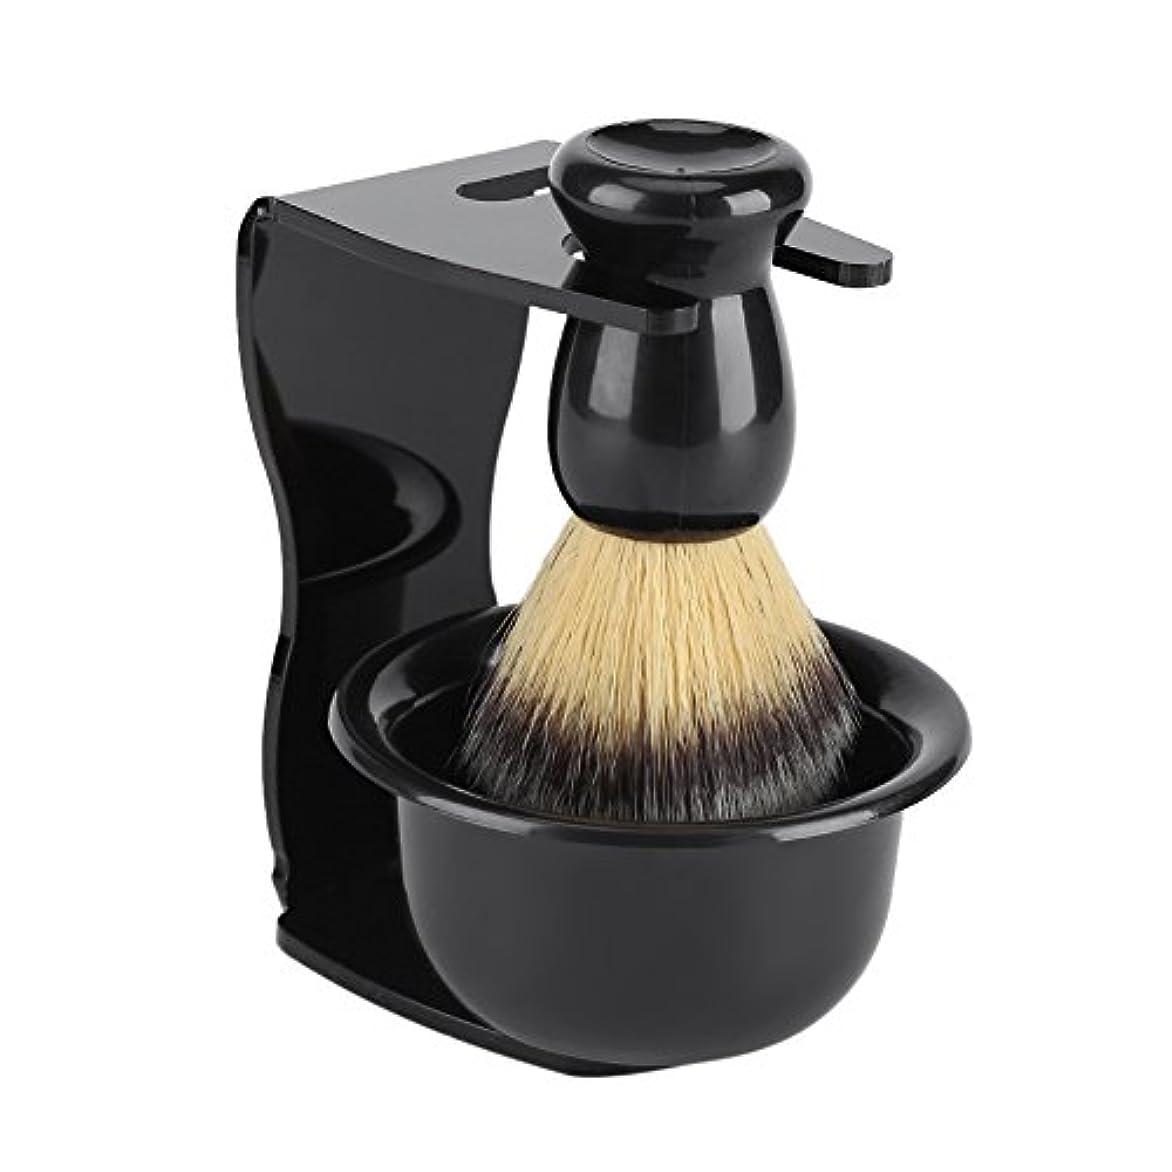 巨大な割る味付けシェービングブラシ 3点セット 純粋なバッガーヘアシェービングブラシ プロフェッショナルメンズ 洗顔 髭 剃り 泡立ち 洗顔ブラシ シェービングブラシ スタンド ホルダー ボウル